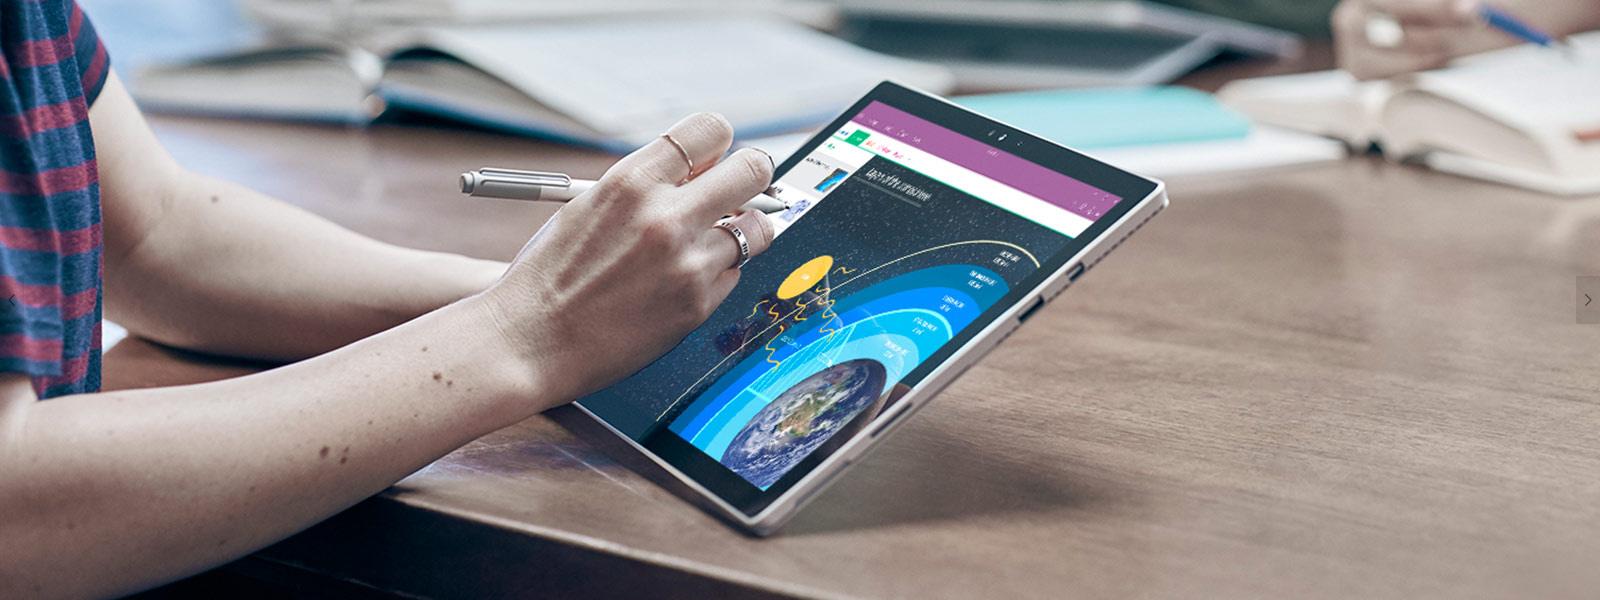 Orang menggunakan Pen Surface pada komputer riba Surface dalam Mod Tablet.